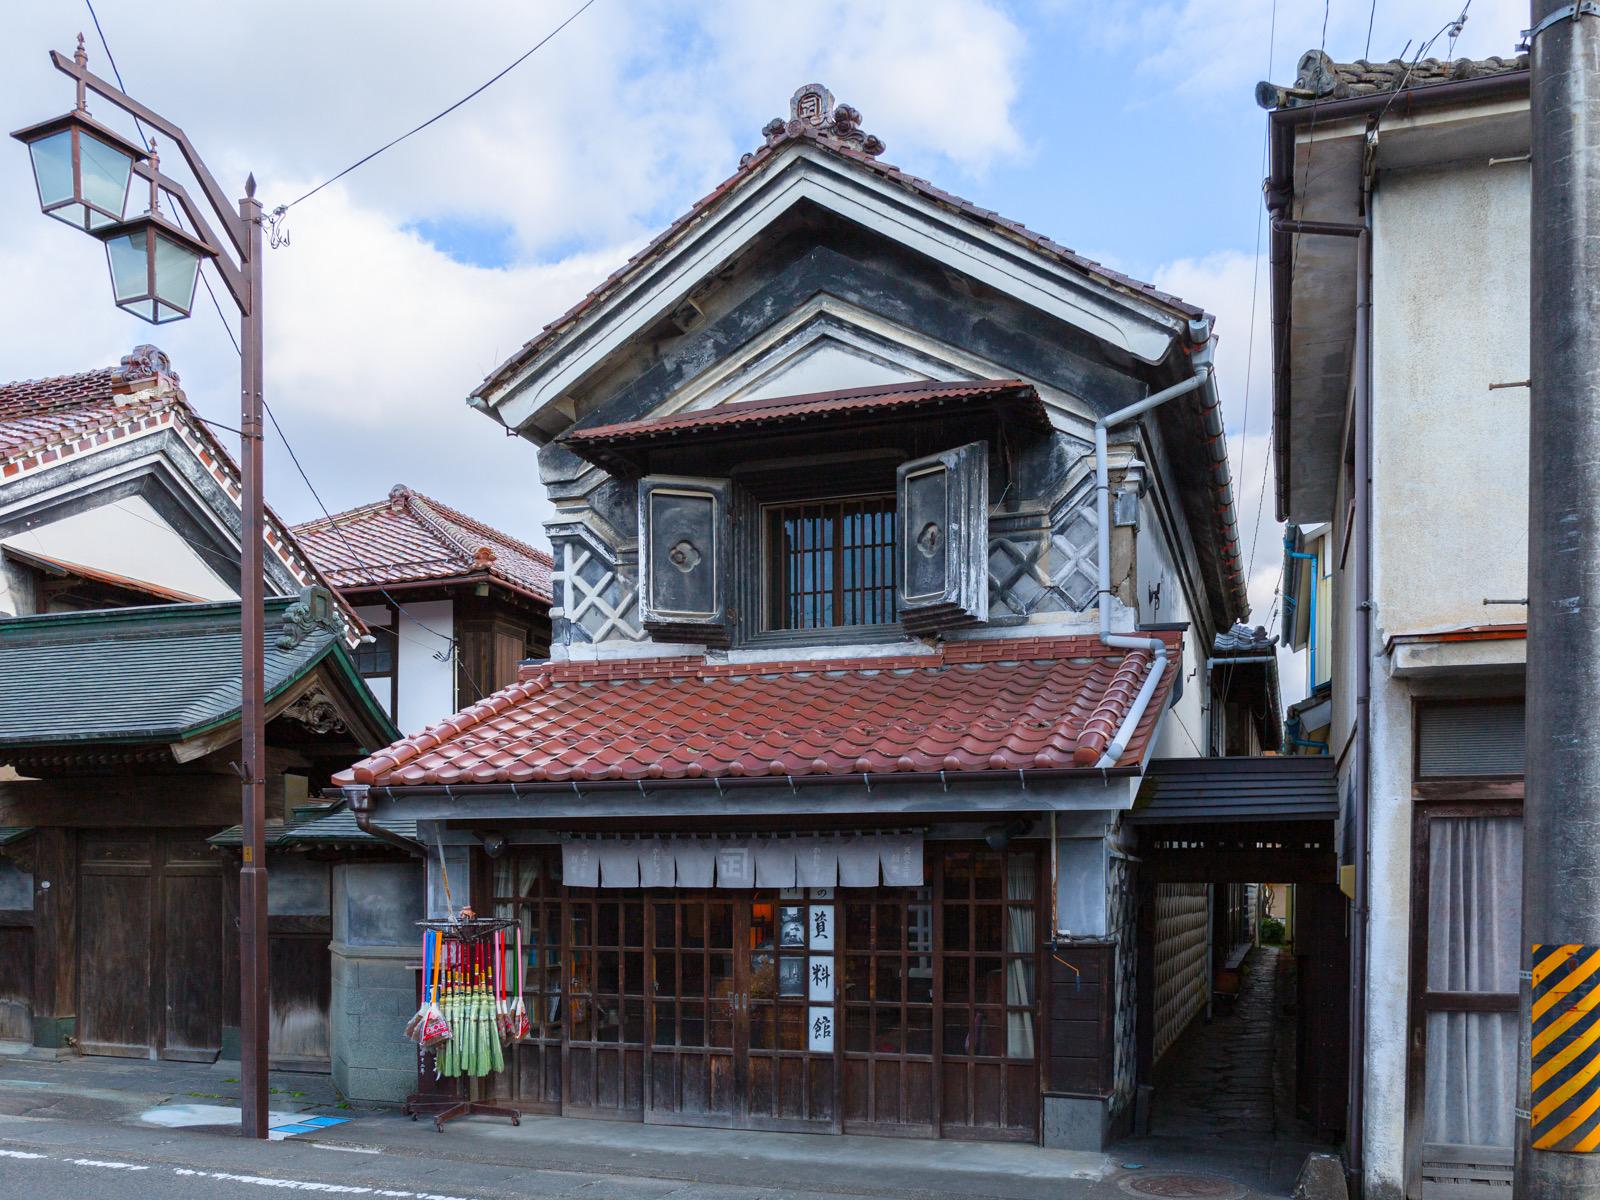 村田町かねしょうの時館(かねしょう商店) Kanesho no Jikan